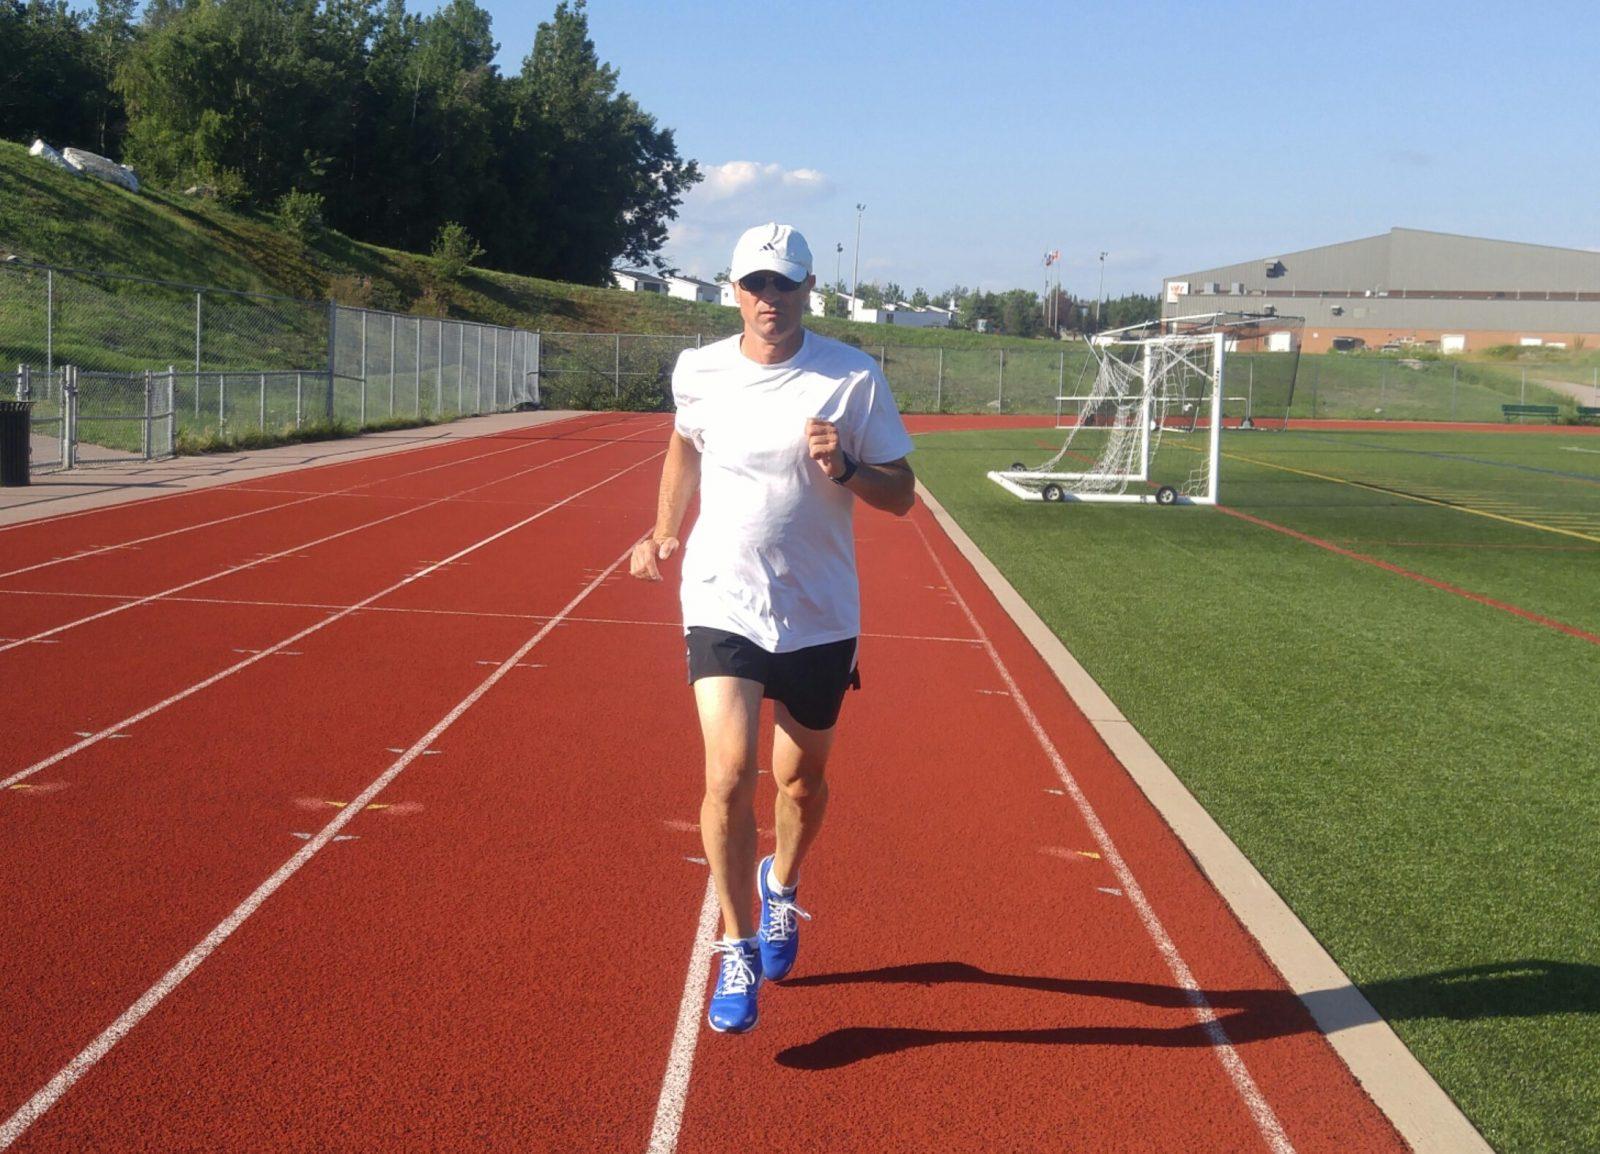 Yvon Côté court un marathon en solo sur la piste d'athlétisme